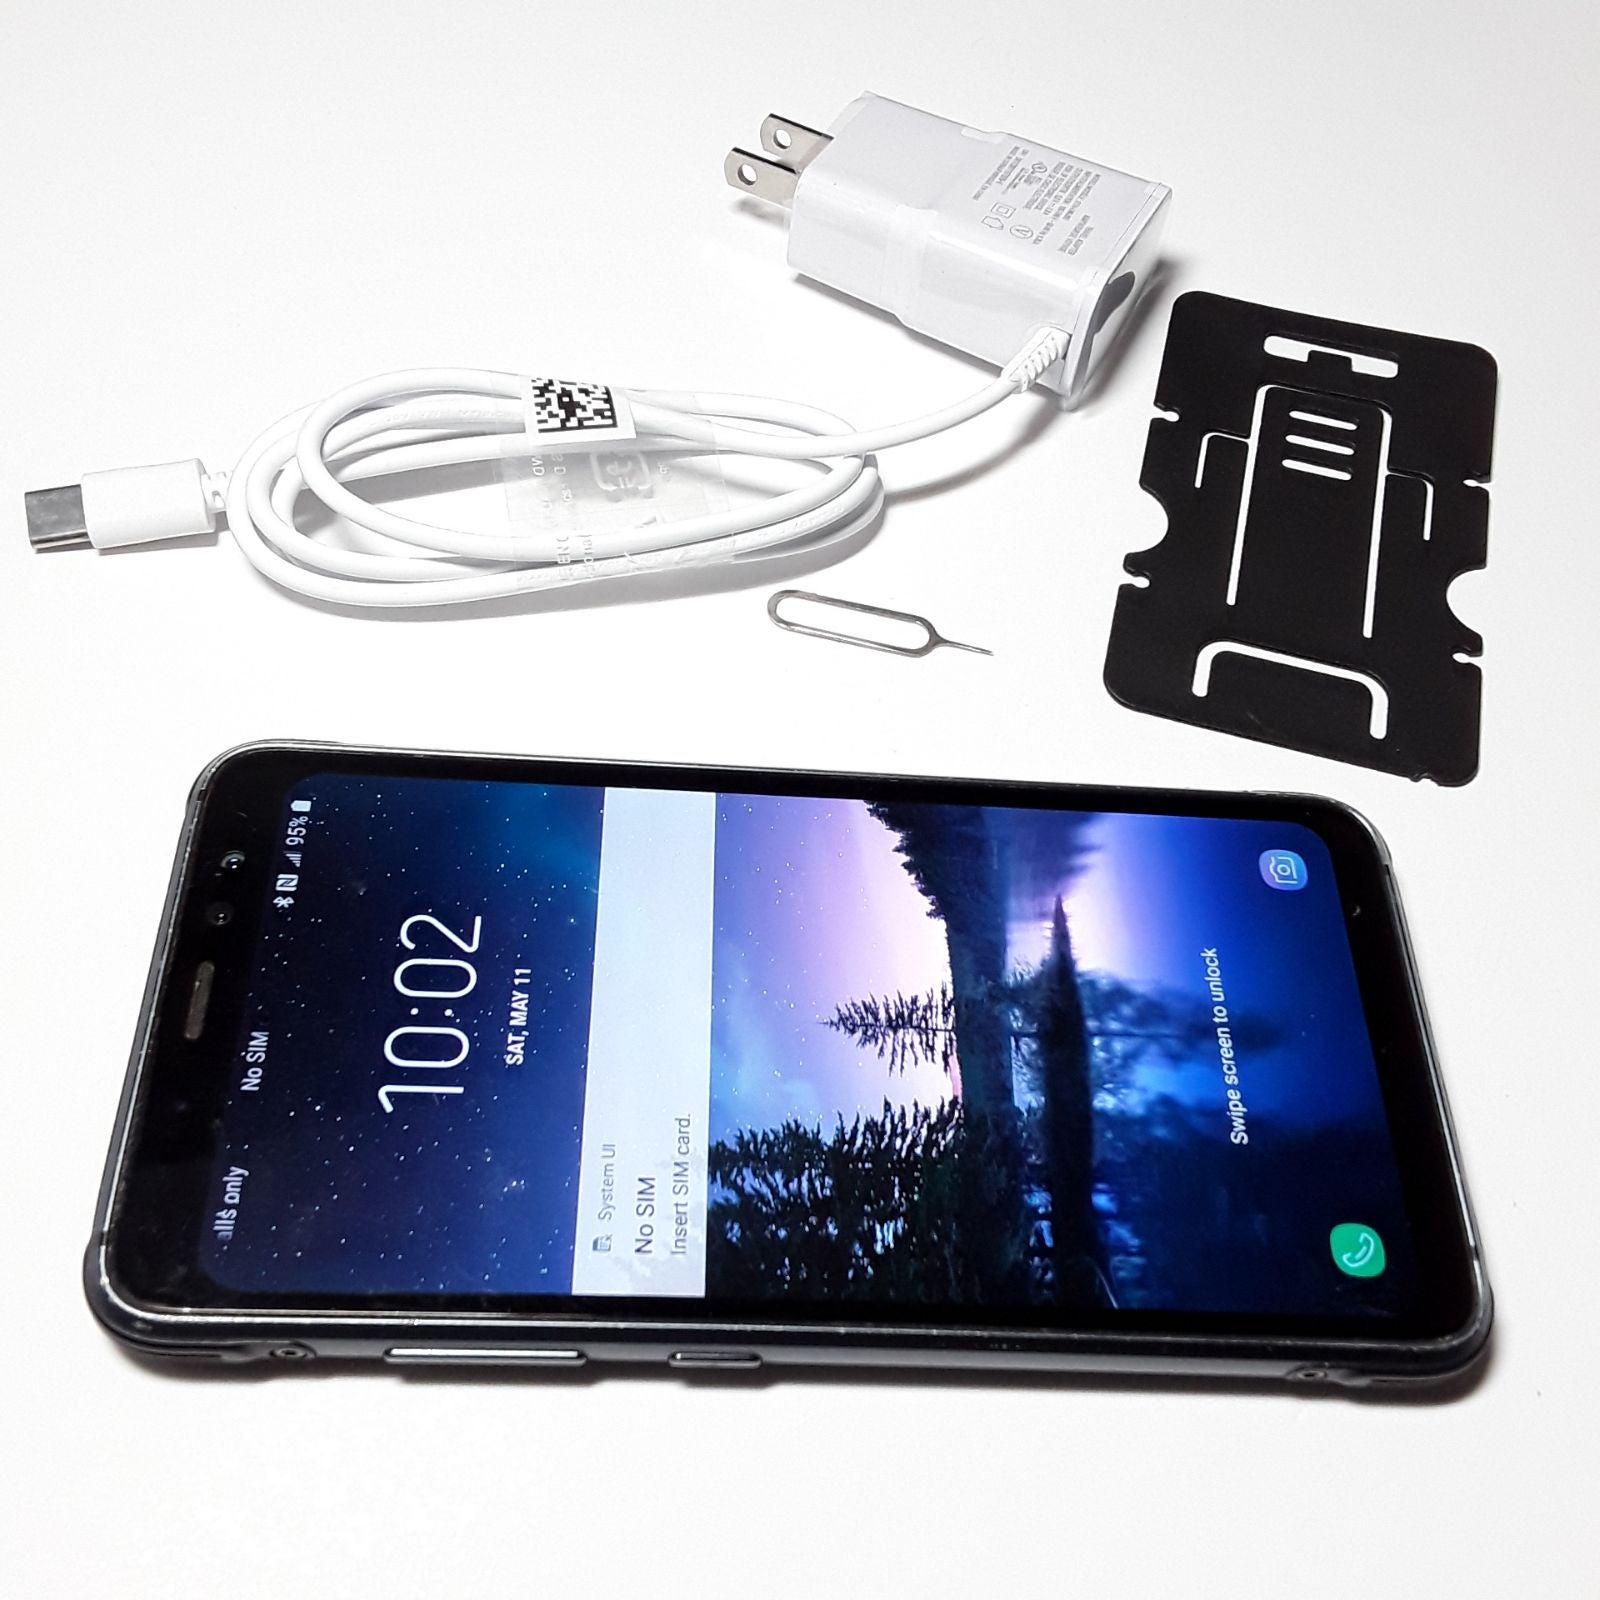 Samsung Galaxy S8 Active AT&T Unlocked